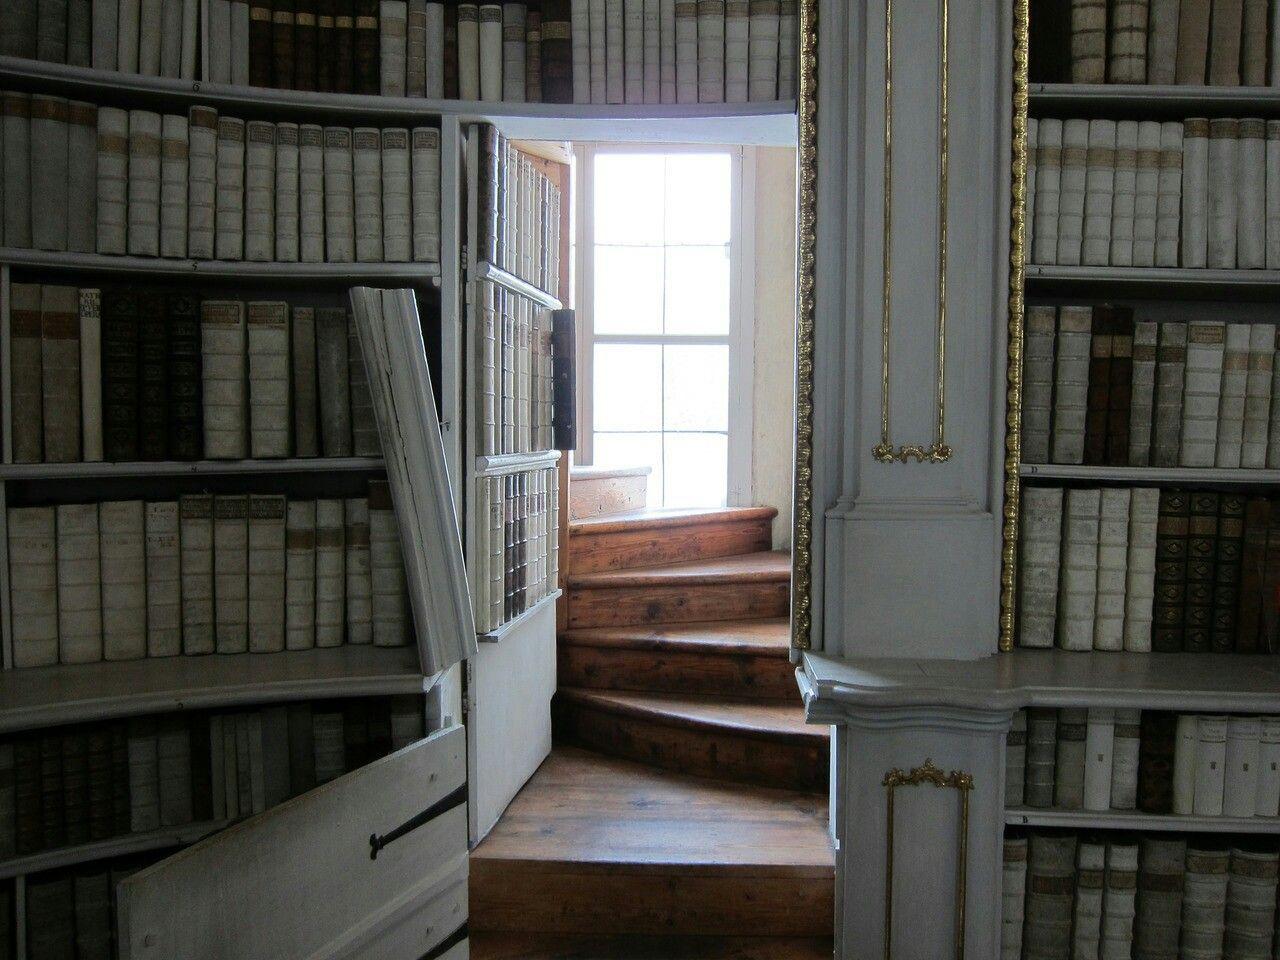 Door to secret passageway